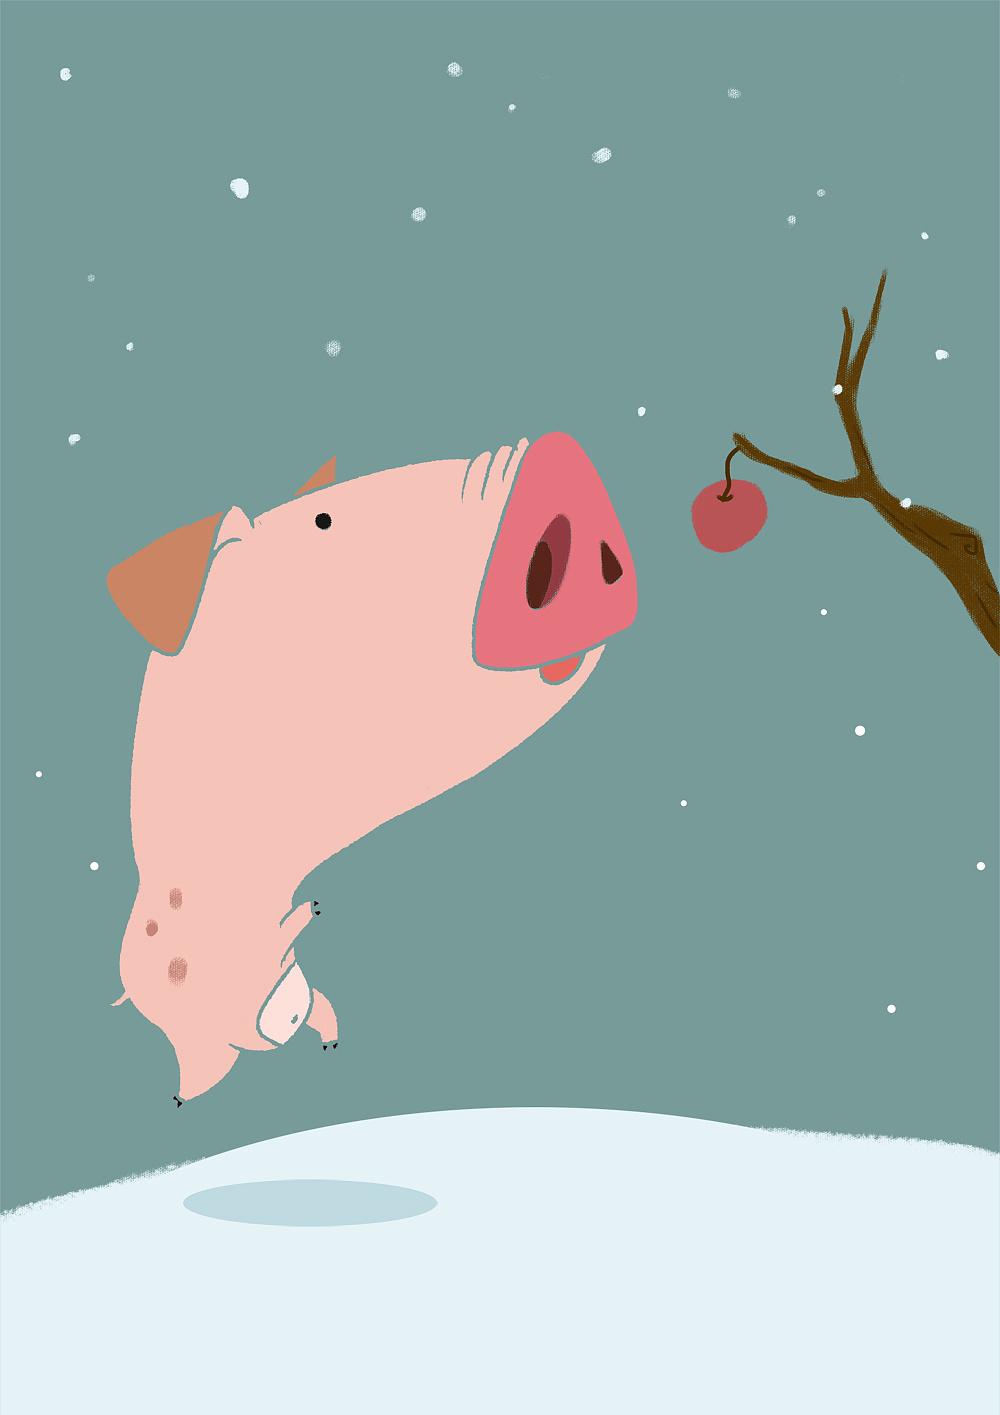 猪年画猪之---希望图片